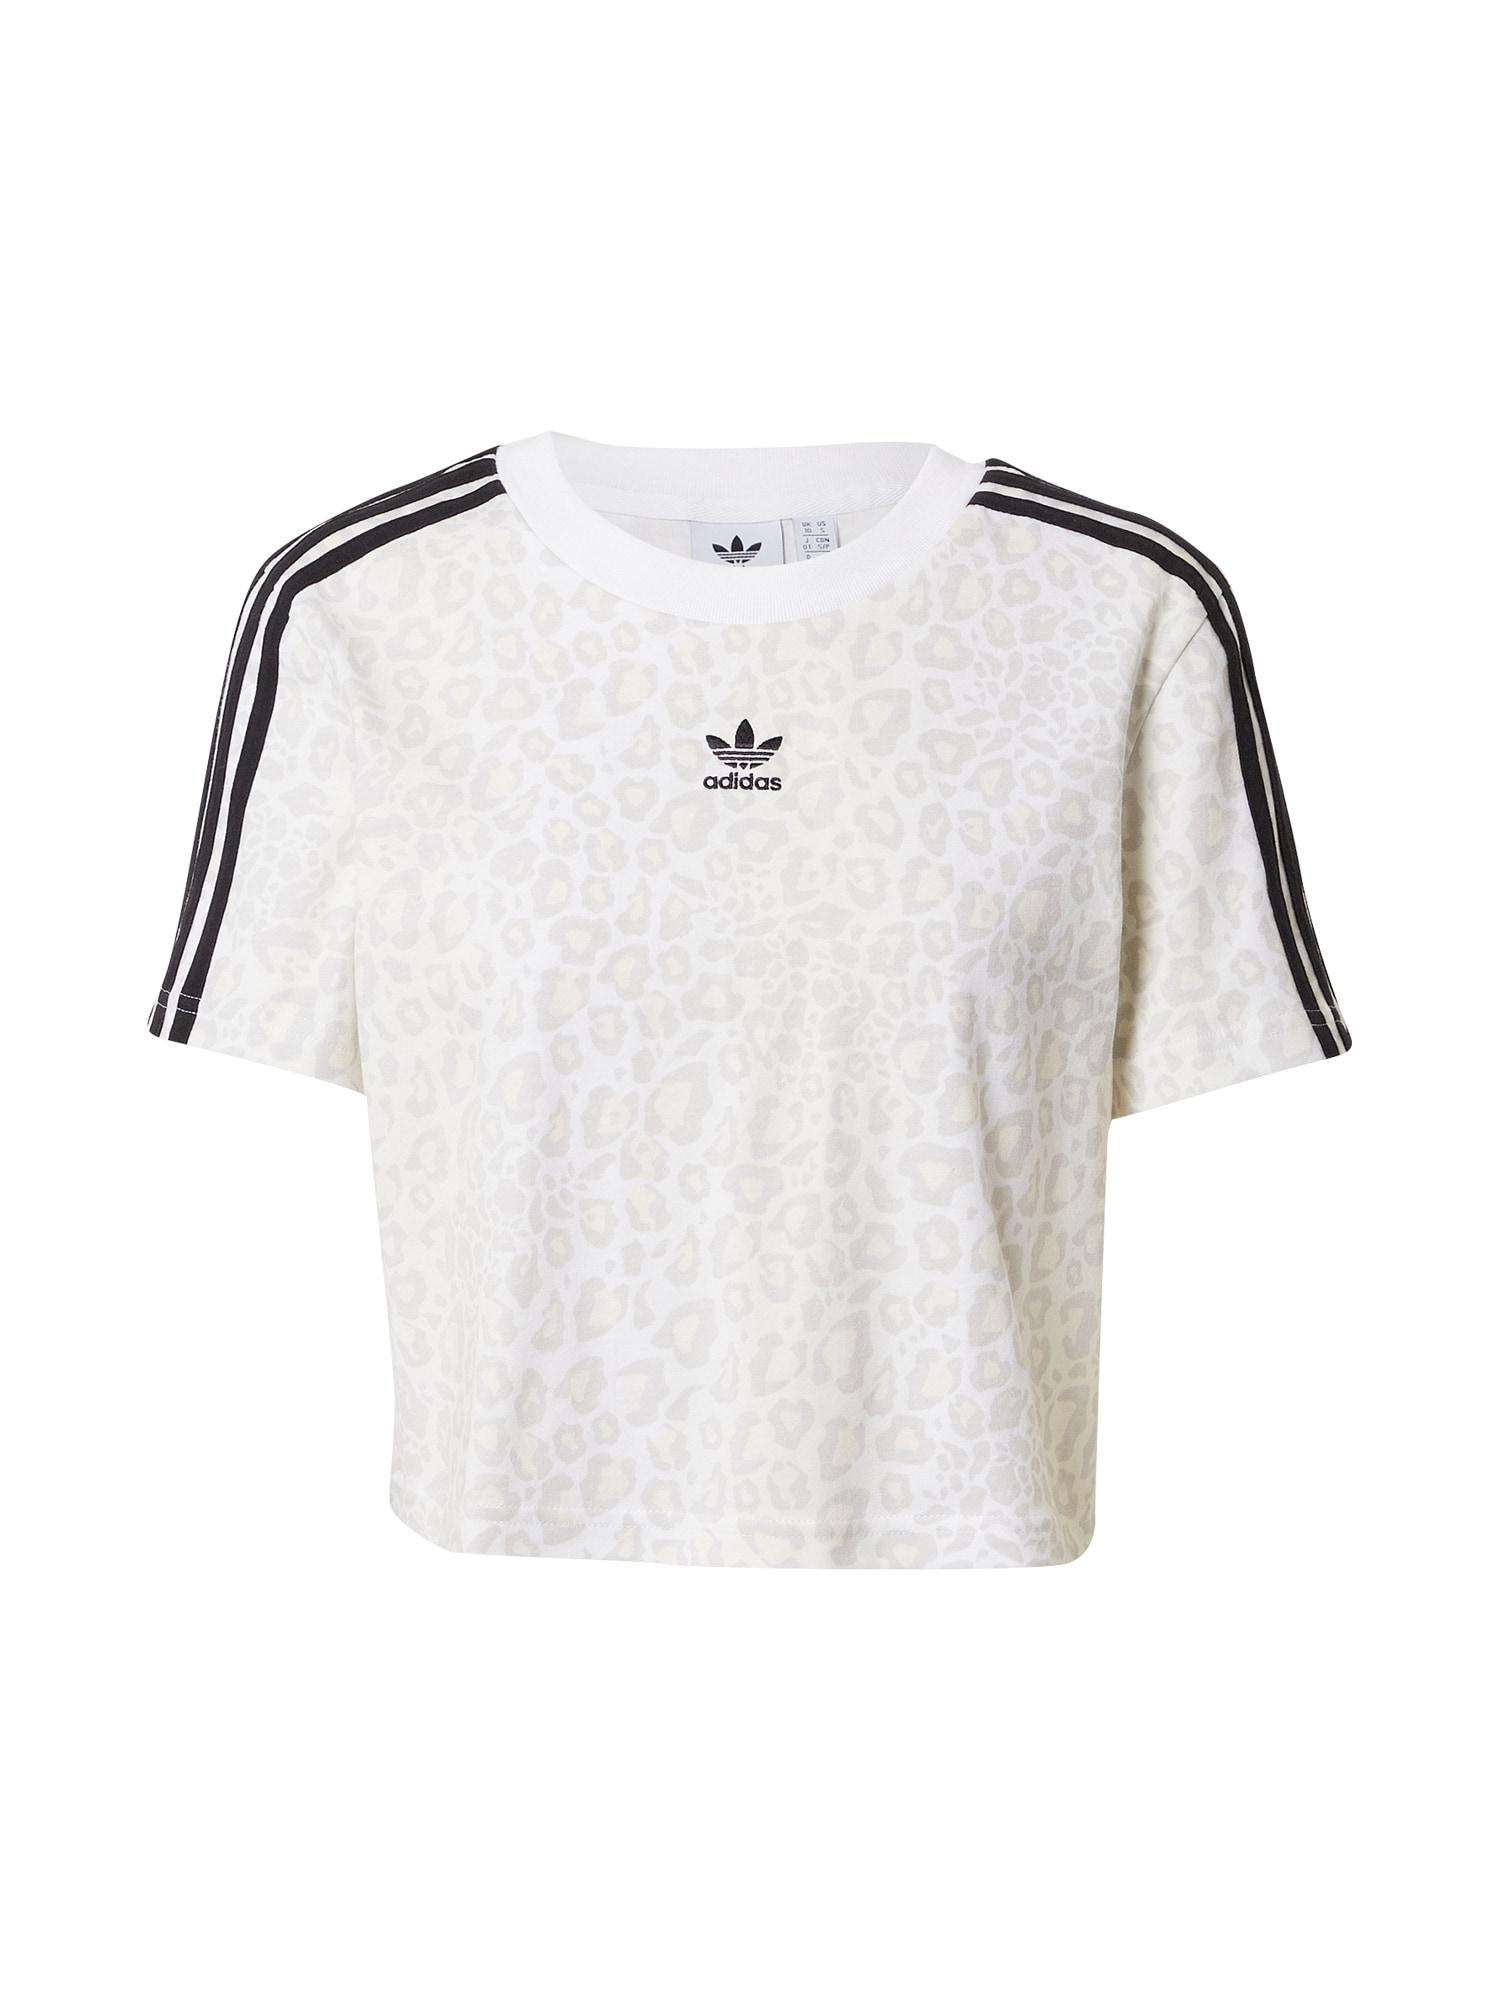 ADIDAS ORIGINALS Marškinėliai balta / juoda / šviesiai pilka / šviesiai ruda